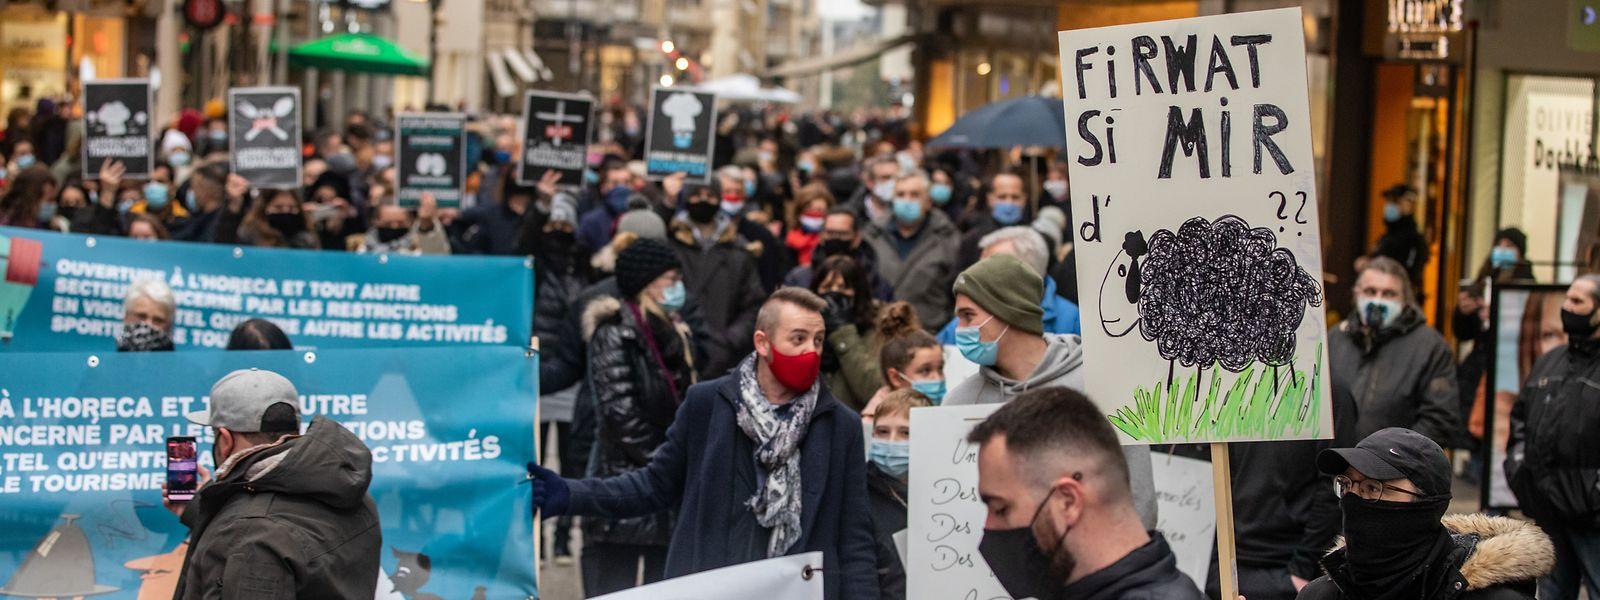 Après plusieurs manifestations organisées le samedi, les acteurs de l'Horeca ambitionnent de réunir au moins 1.000 personnes sur la place d'Armes jeudi, juste devant le Cercle Cité où siégeront les députés.